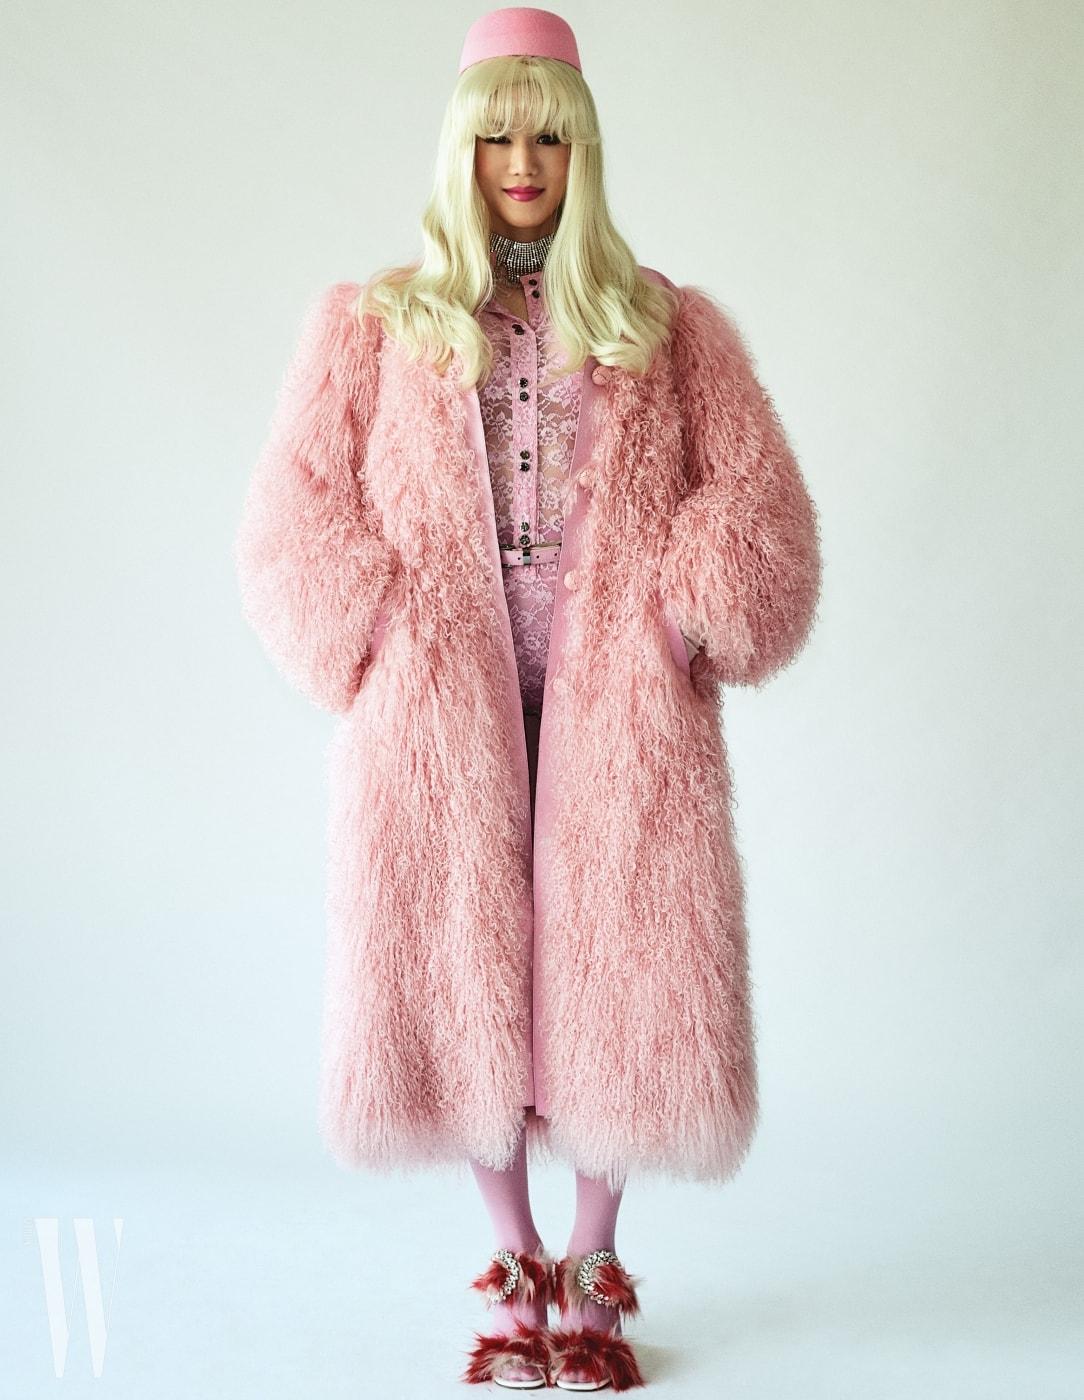 퍼포머 랑리가 입은 핑크색 퍼 코트, 안에 입은 레이스 보디슈트와 벨트는 Nina Ricci, 크리스털 초커는 Miu Miu, 퍼 장식 샌들은 Prada 제품. 핑크색 모자는 에디터 소장품.